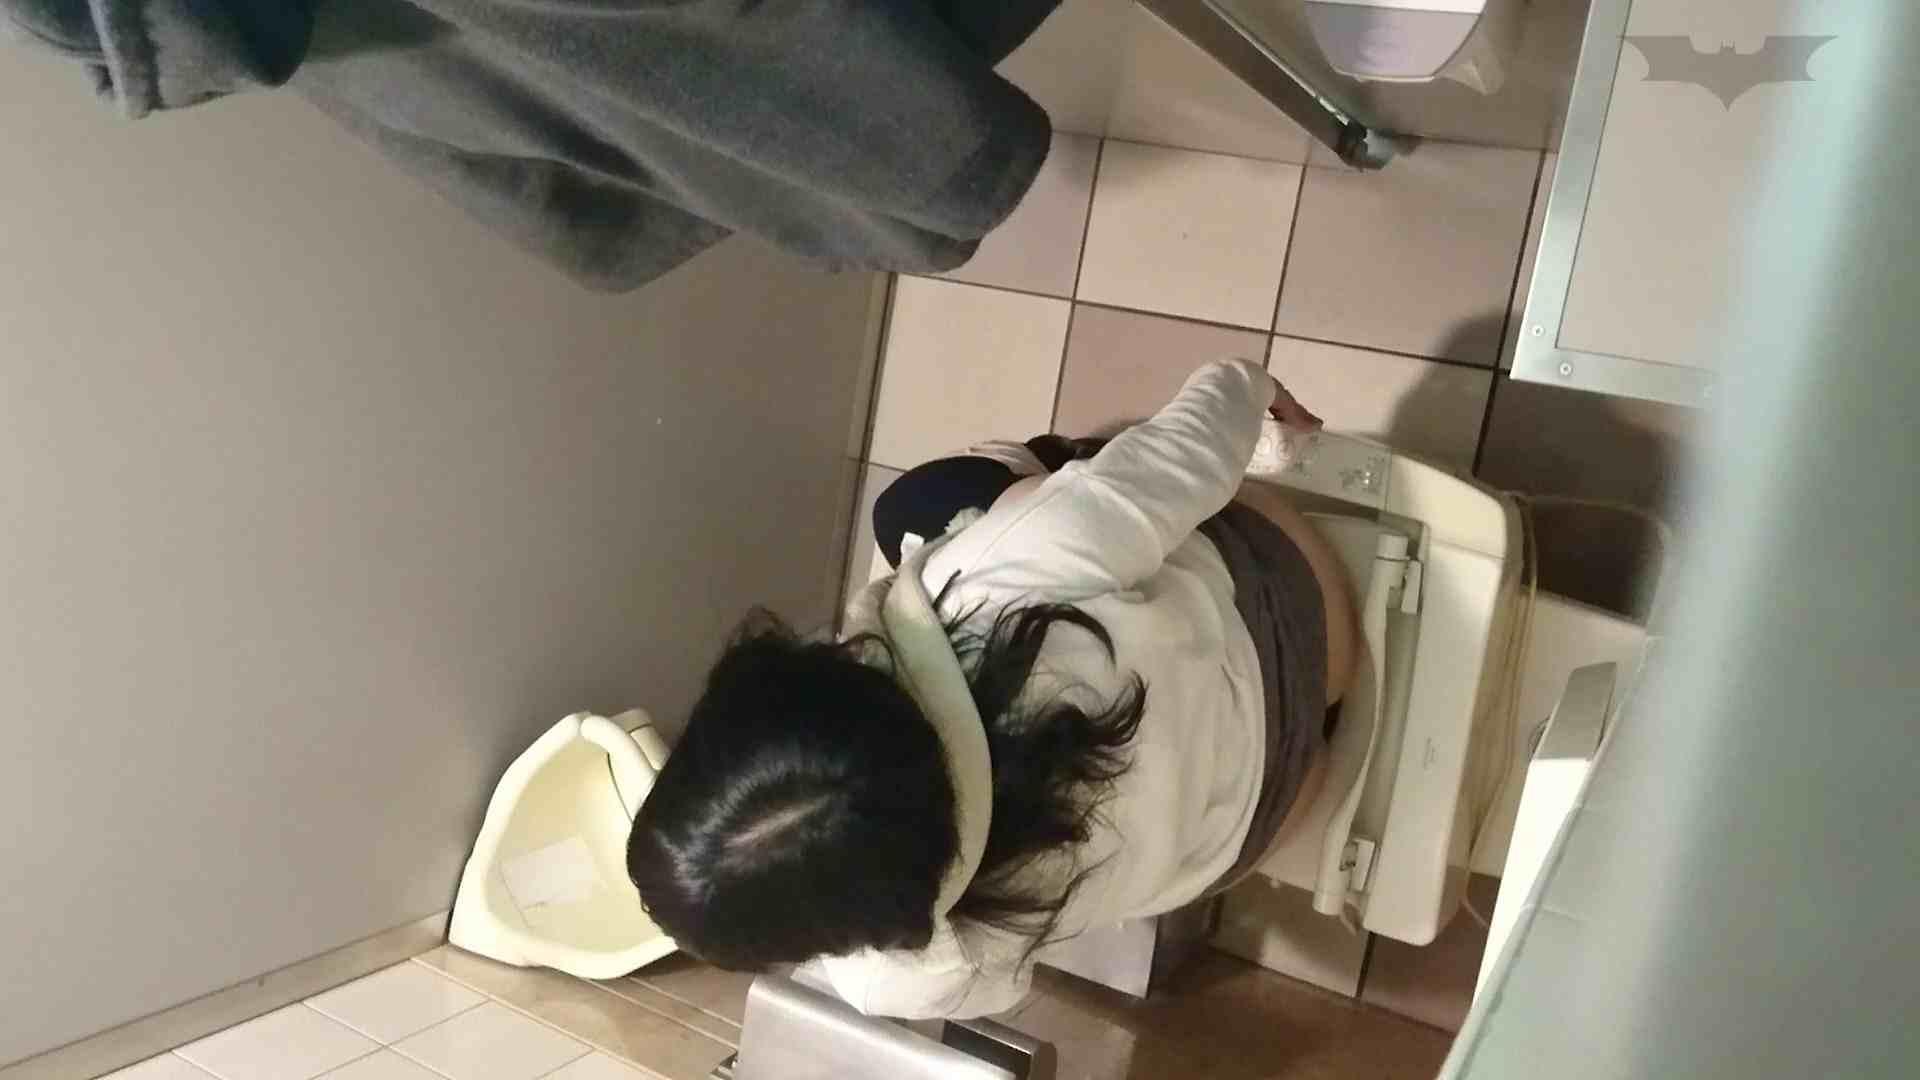 化粧室絵巻 ショッピングモール編 VOL.12 盛合せ  89枚 72